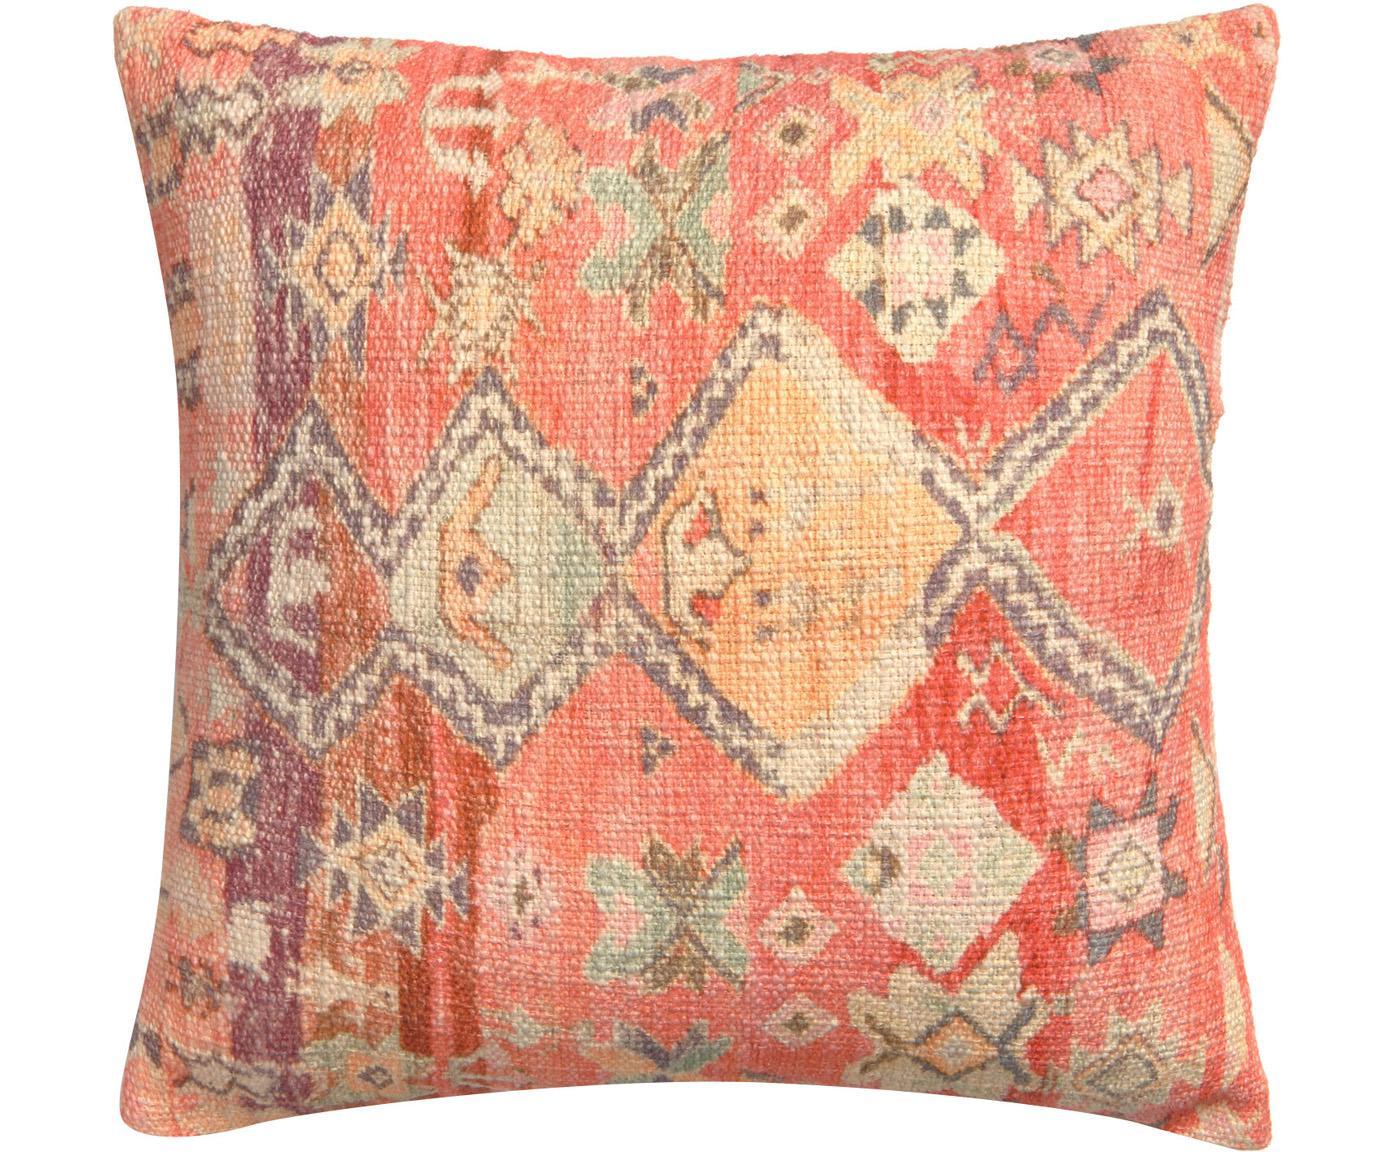 Kussenhoes Dasi met ethnopatroon, 100% katoen, Multicolour, 45 x 45 cm